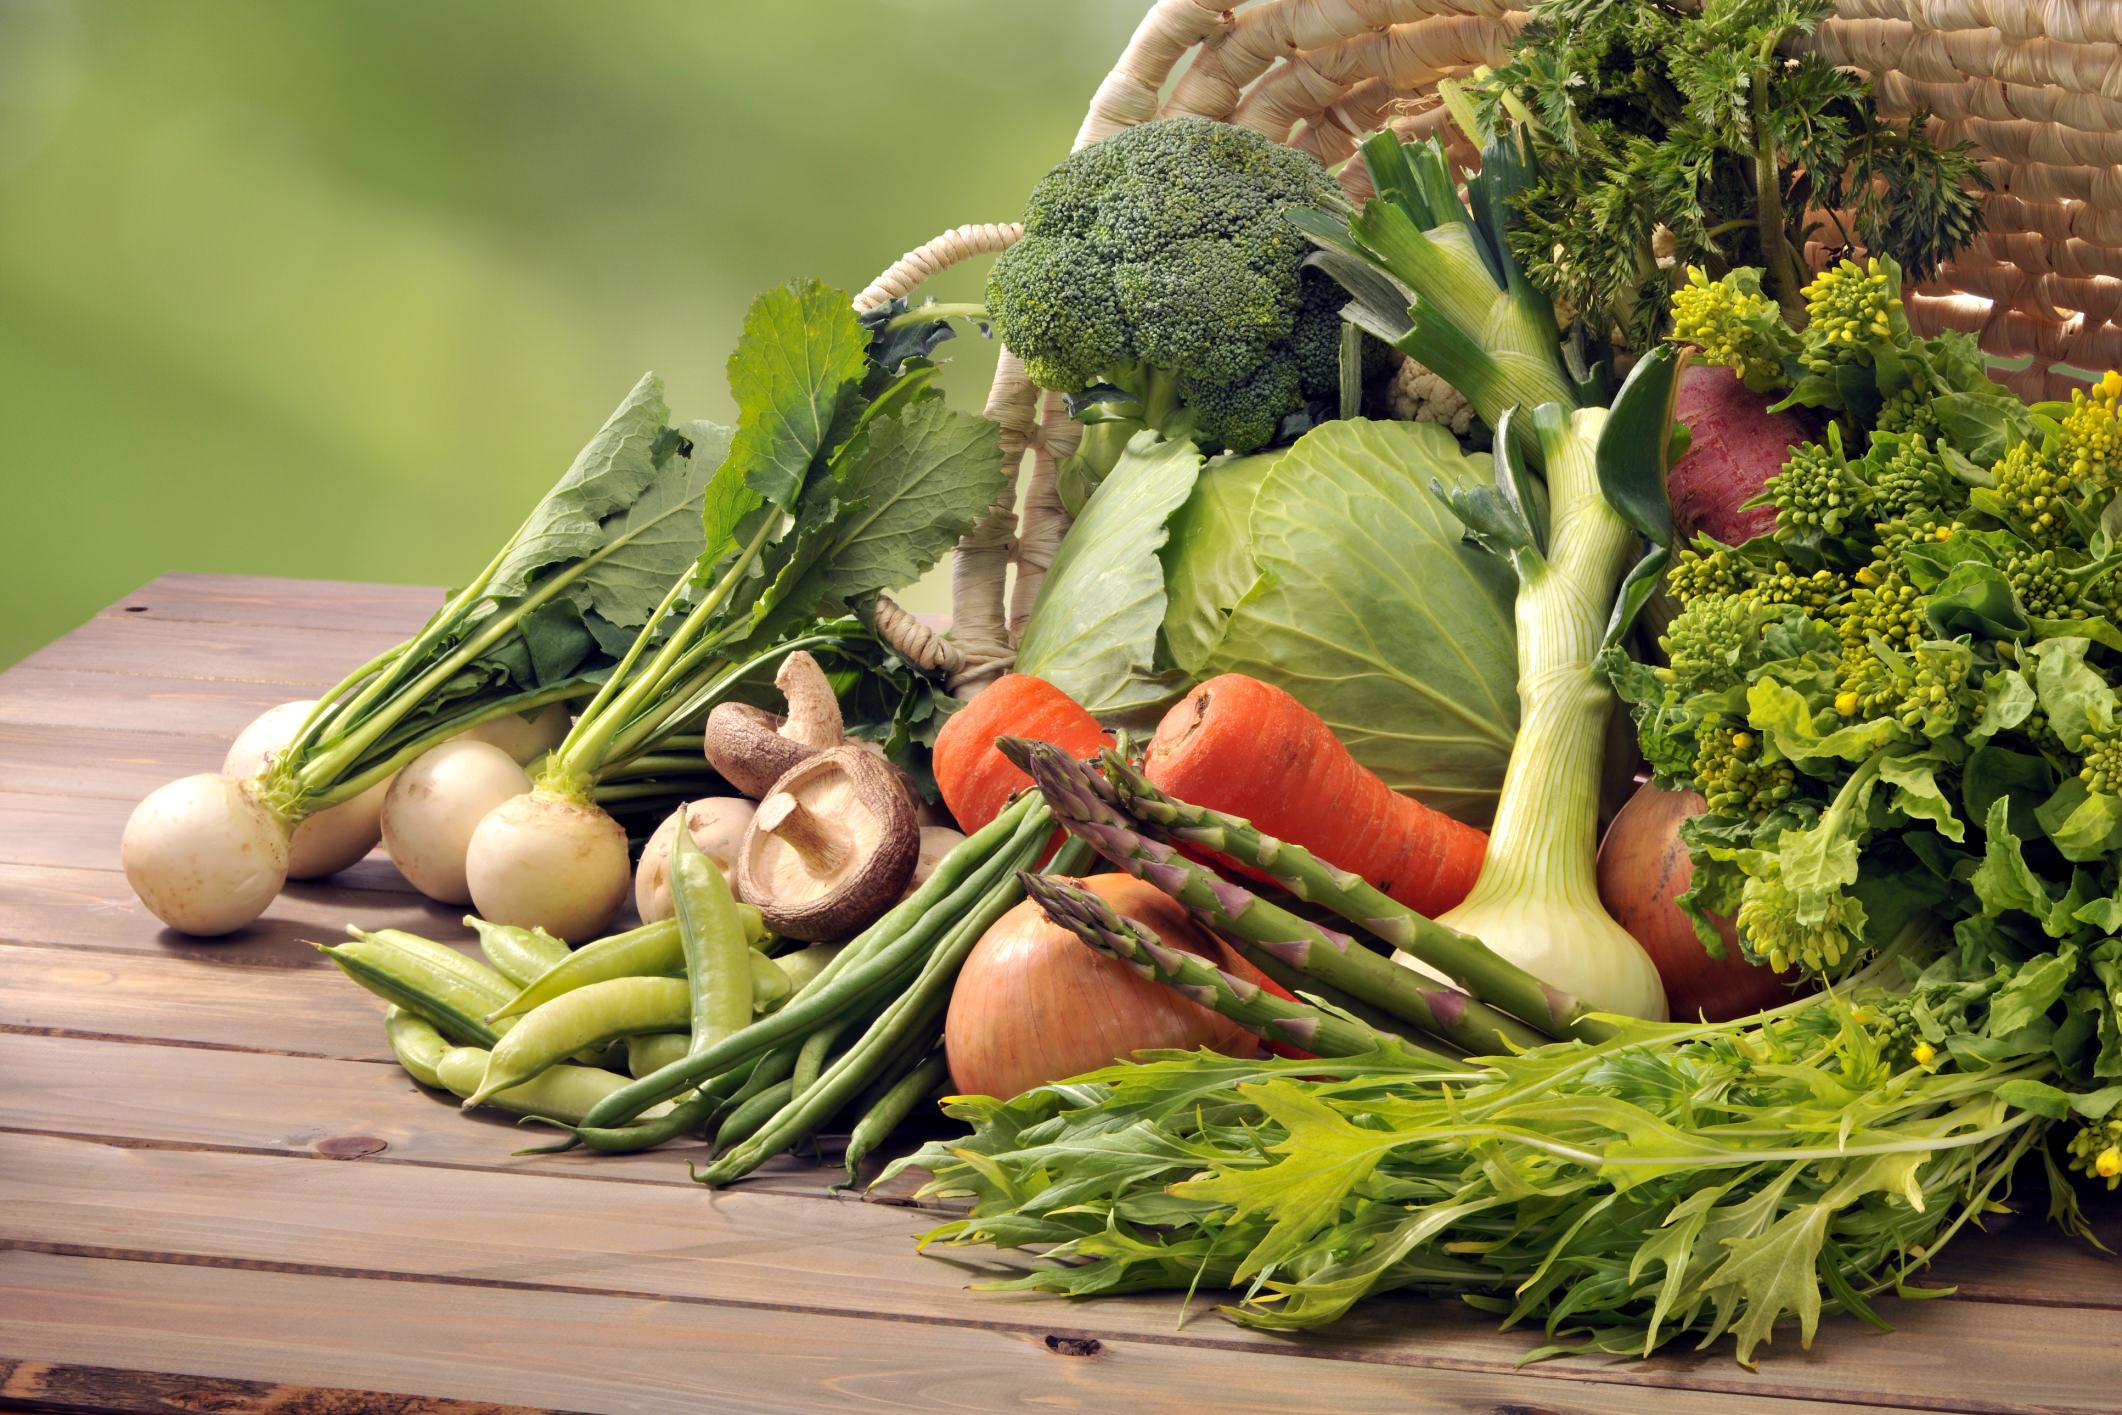 ortaggi e frutta fresca disposti sul tavolo